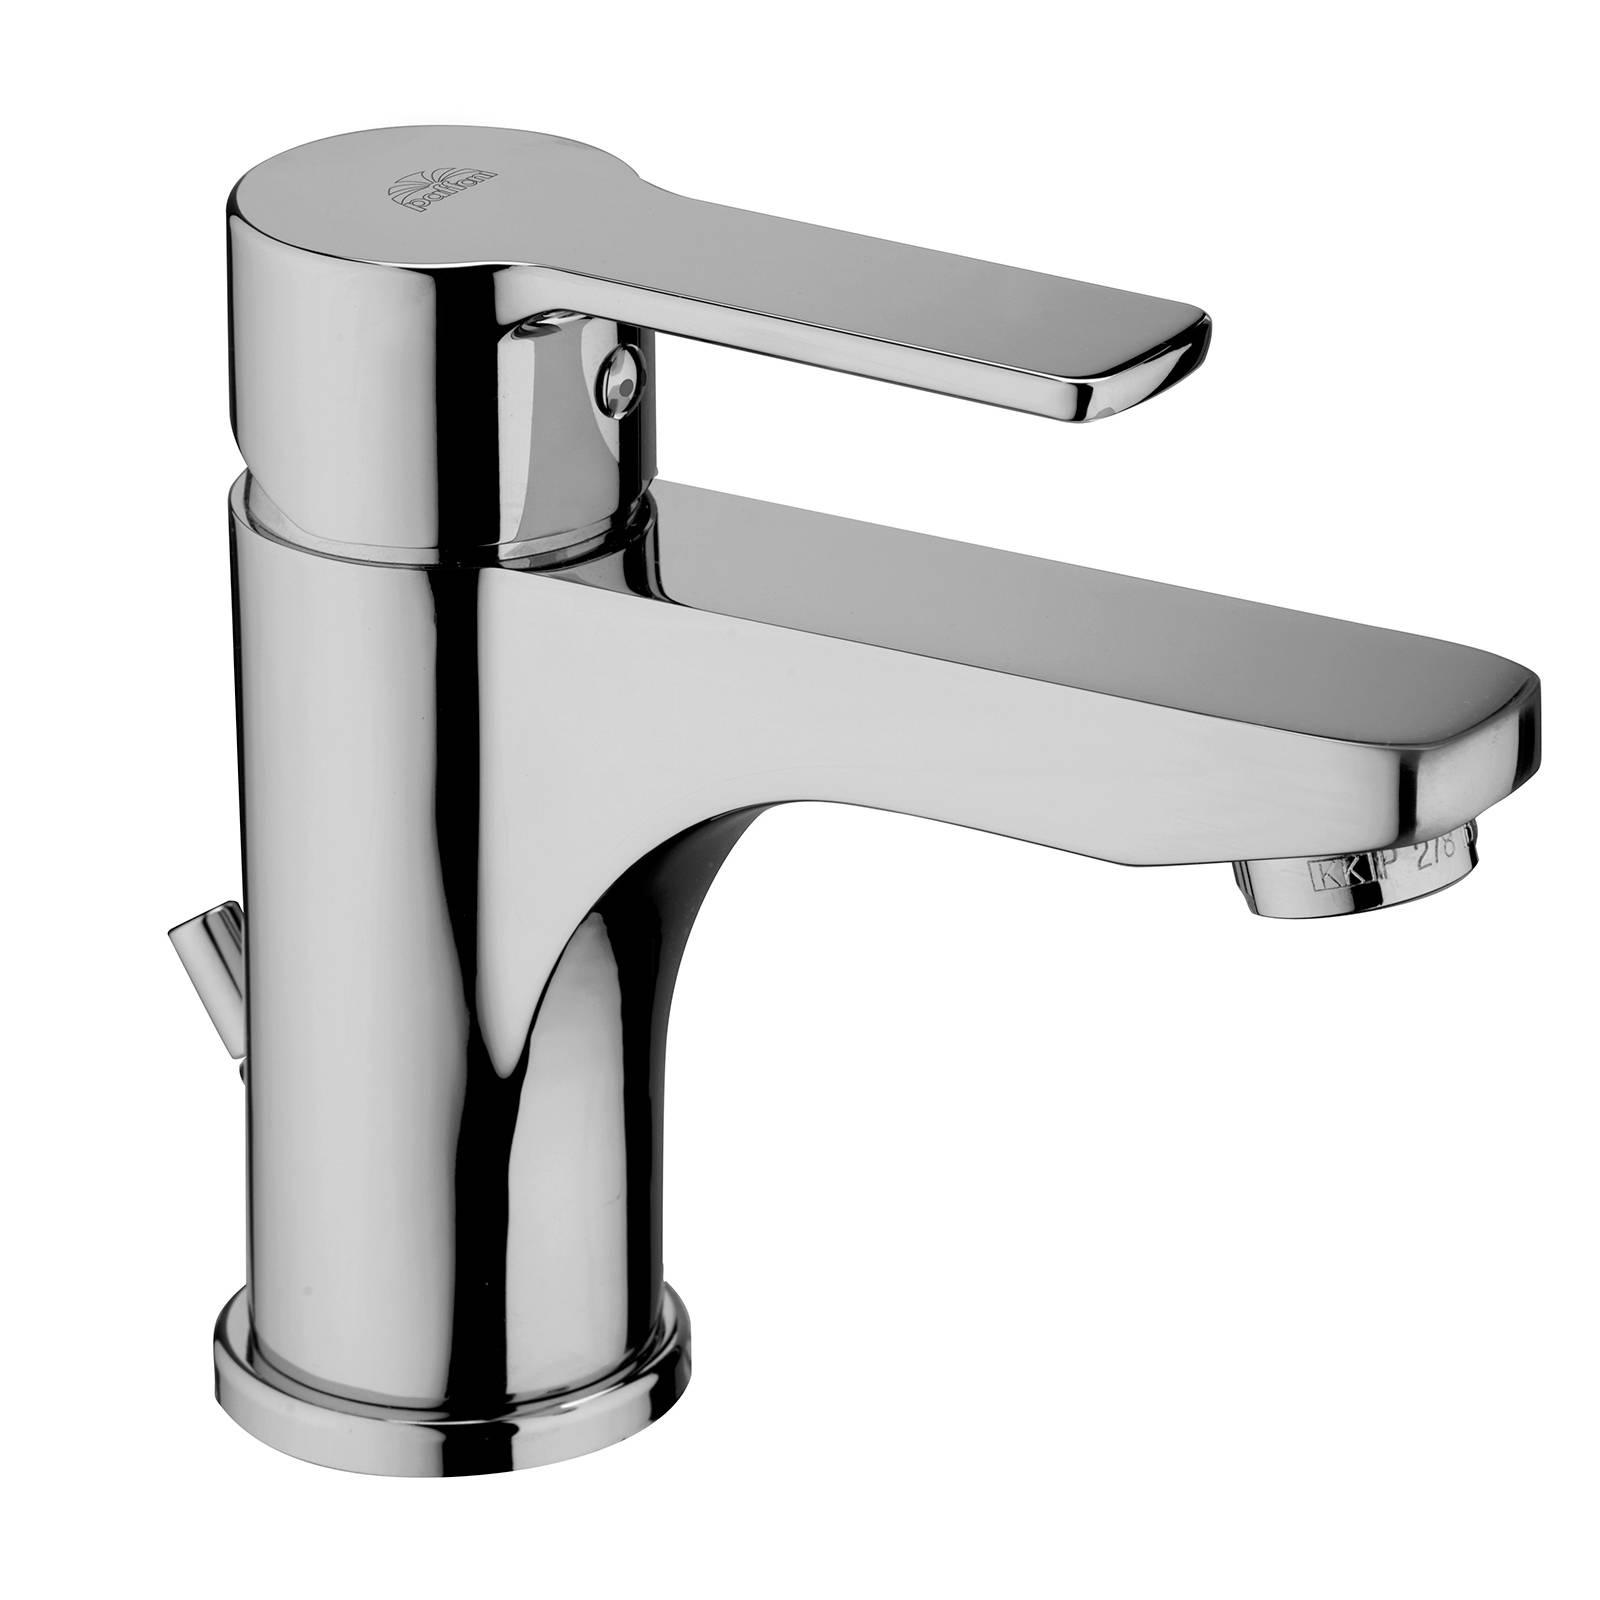 CAESAROO Paffoni Mitigeur monocommande monotrou pour lavabo avec vidage automatique RED075CR   chrome